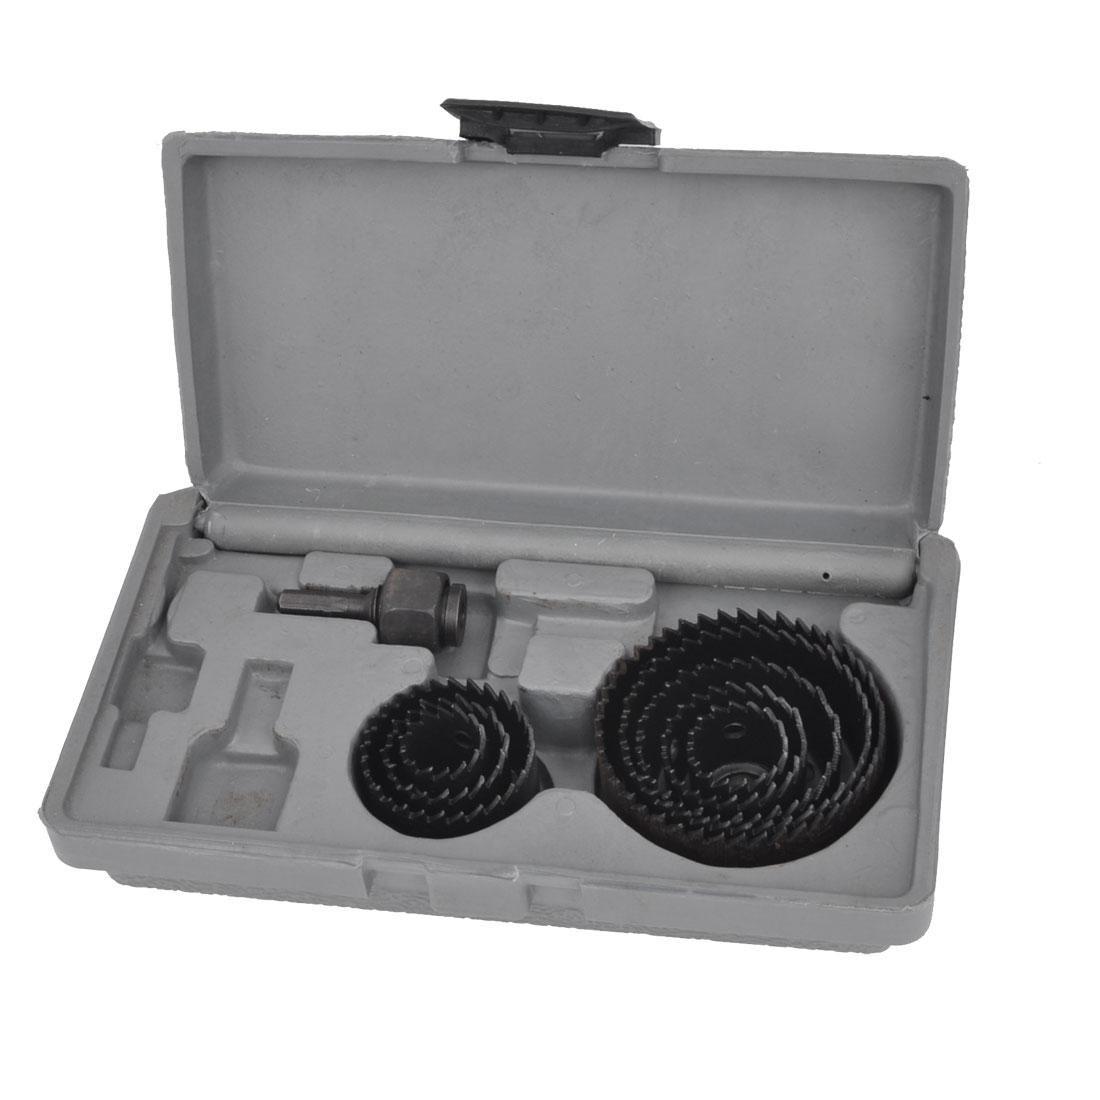 19-64mm Dia Round Triangle Shank Twist Drill Bit Hole Saw Set Gray w Gray Plastic Box 8 Pcs